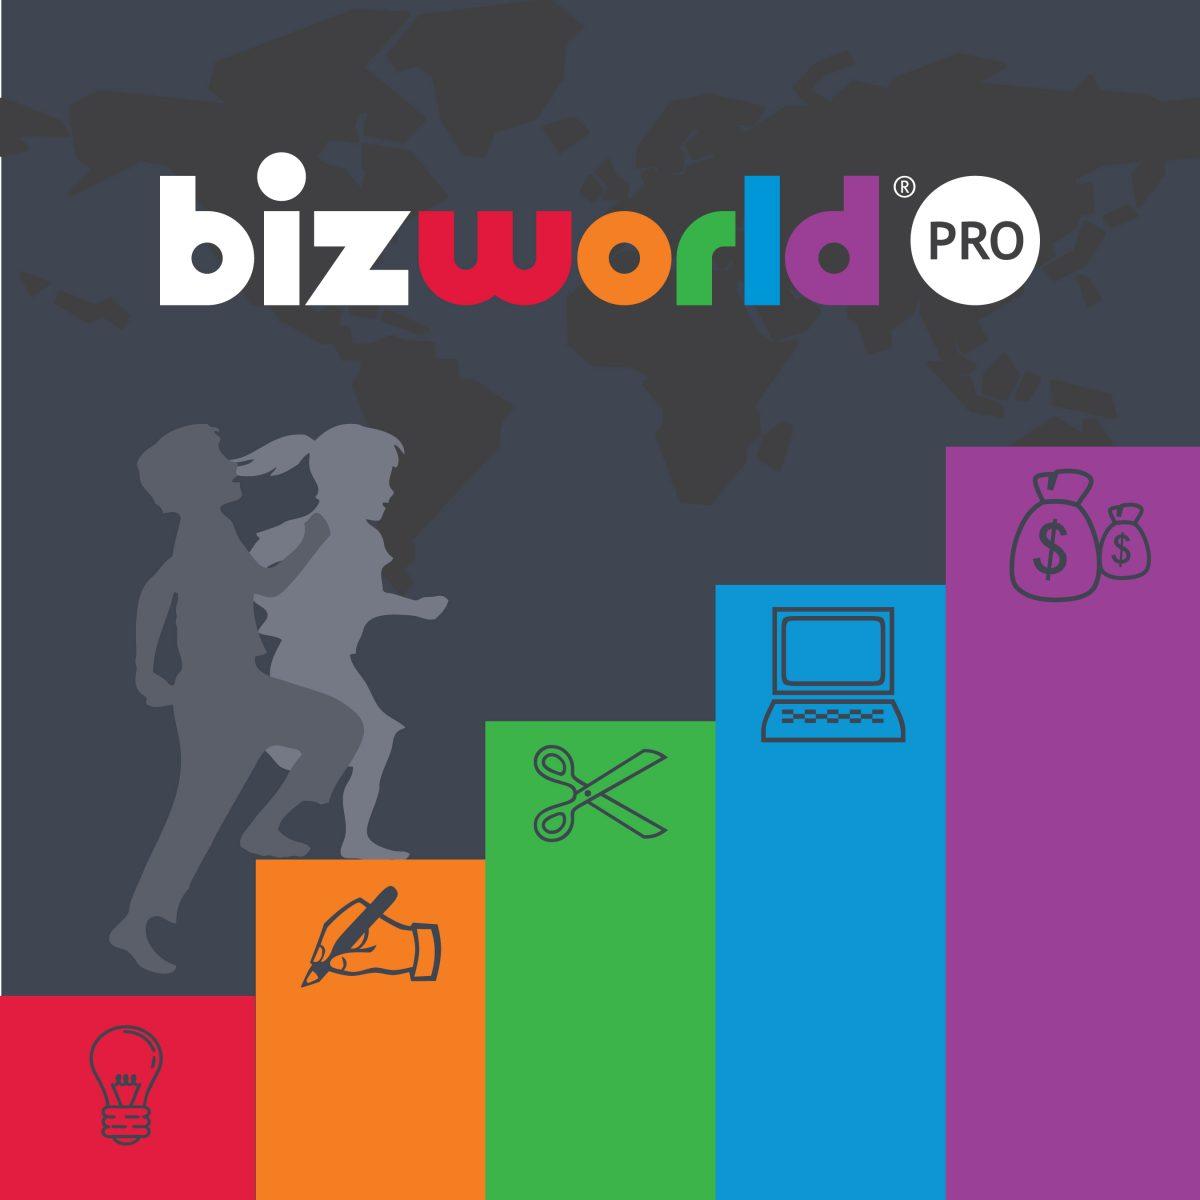 BizWorldPRO Starter Pack